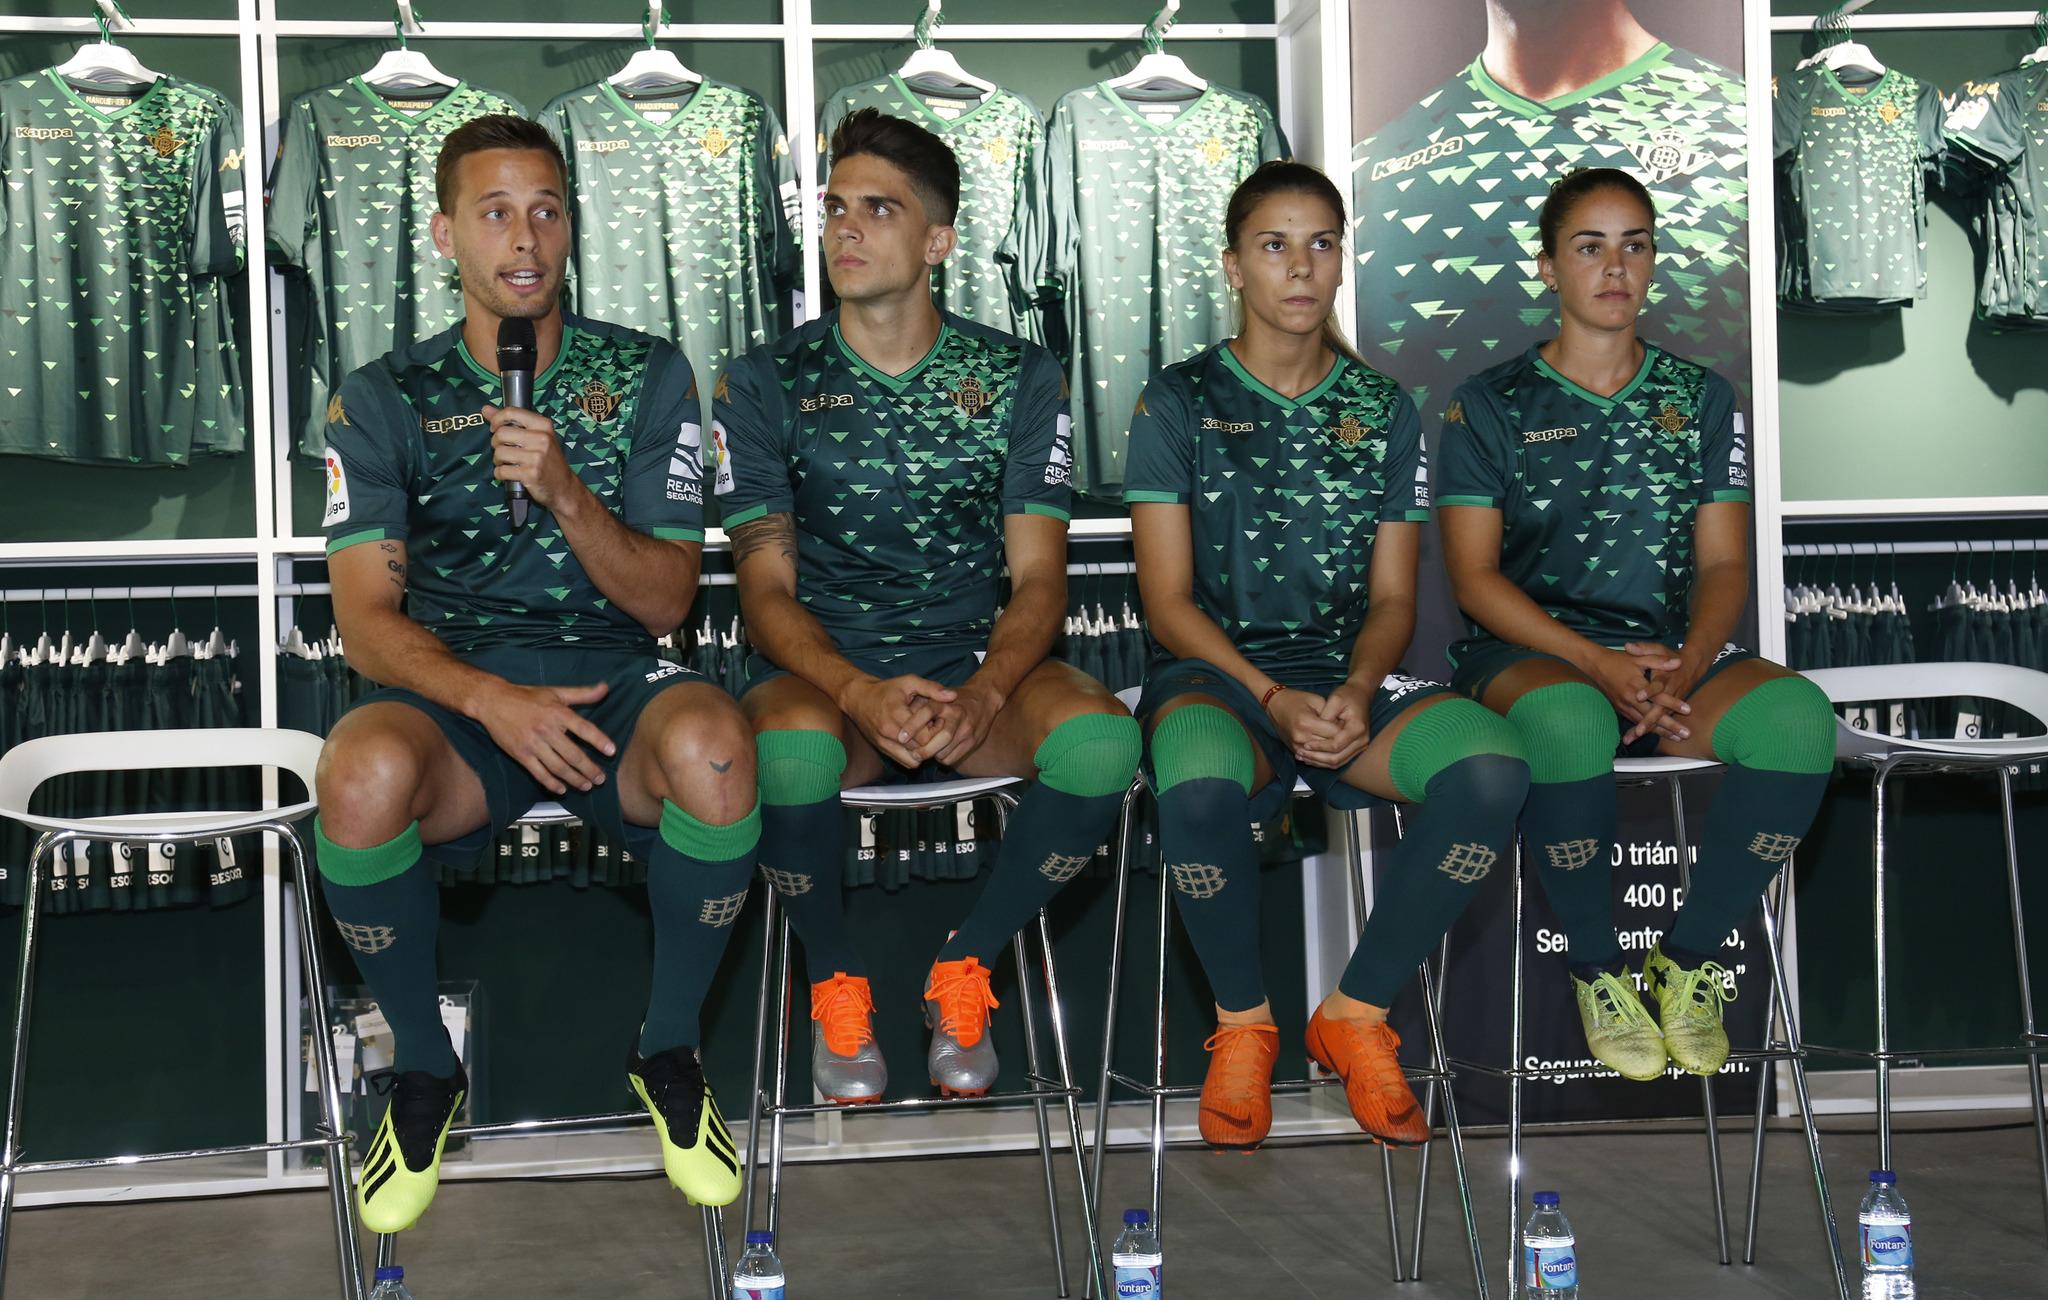 El acto ha coincidido con la inauguración de la tienda oficial Kappa (marca  que viste este año al Betis) en el Estadio Benito Villamarín. 3797292bf32f3